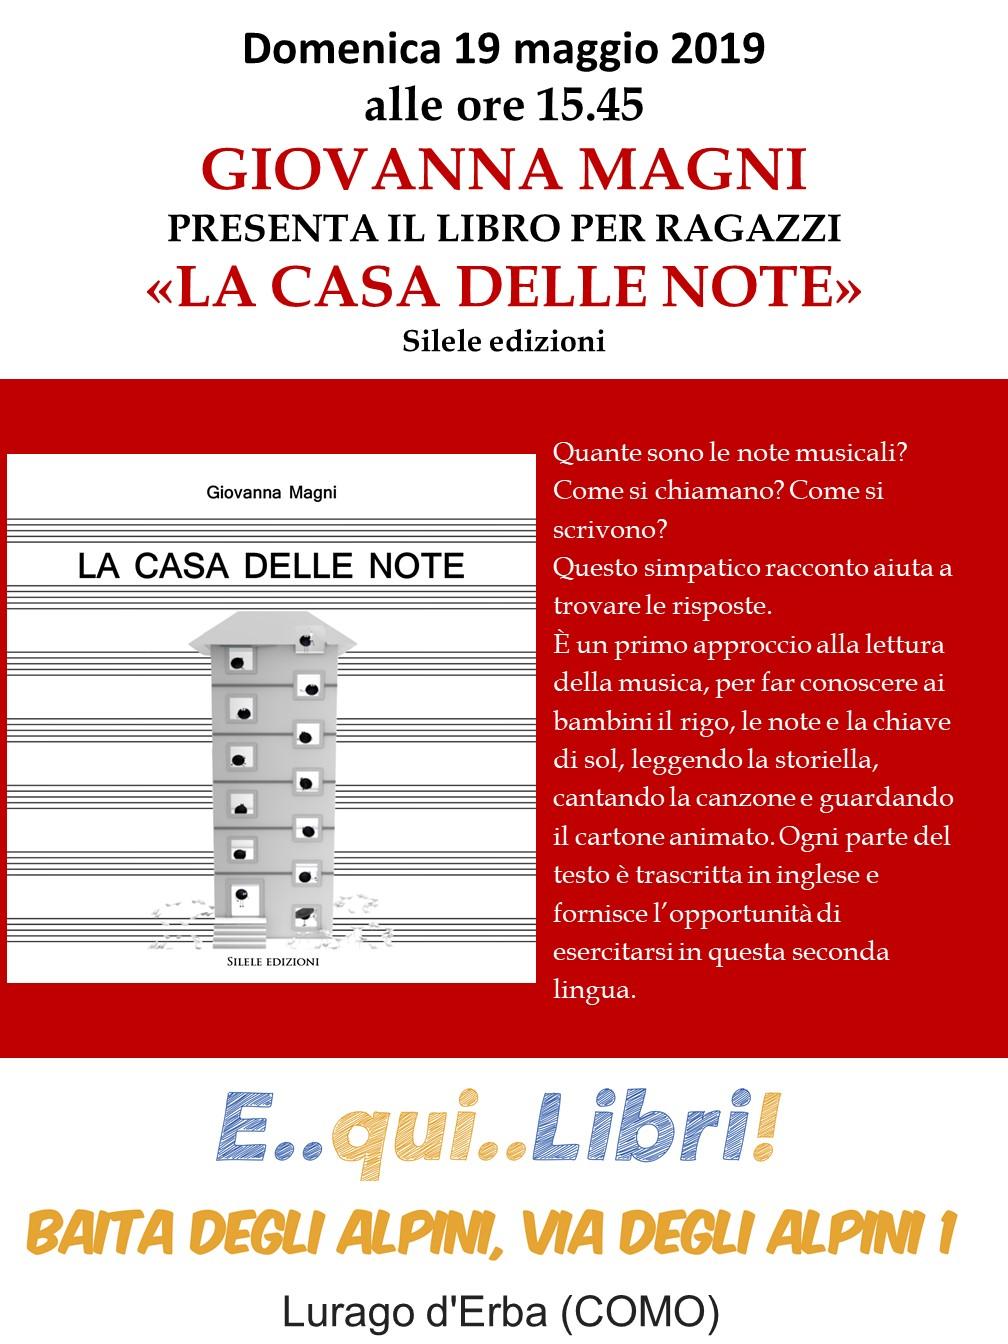 Presentazione19MaggioLuragoMagni.jpg